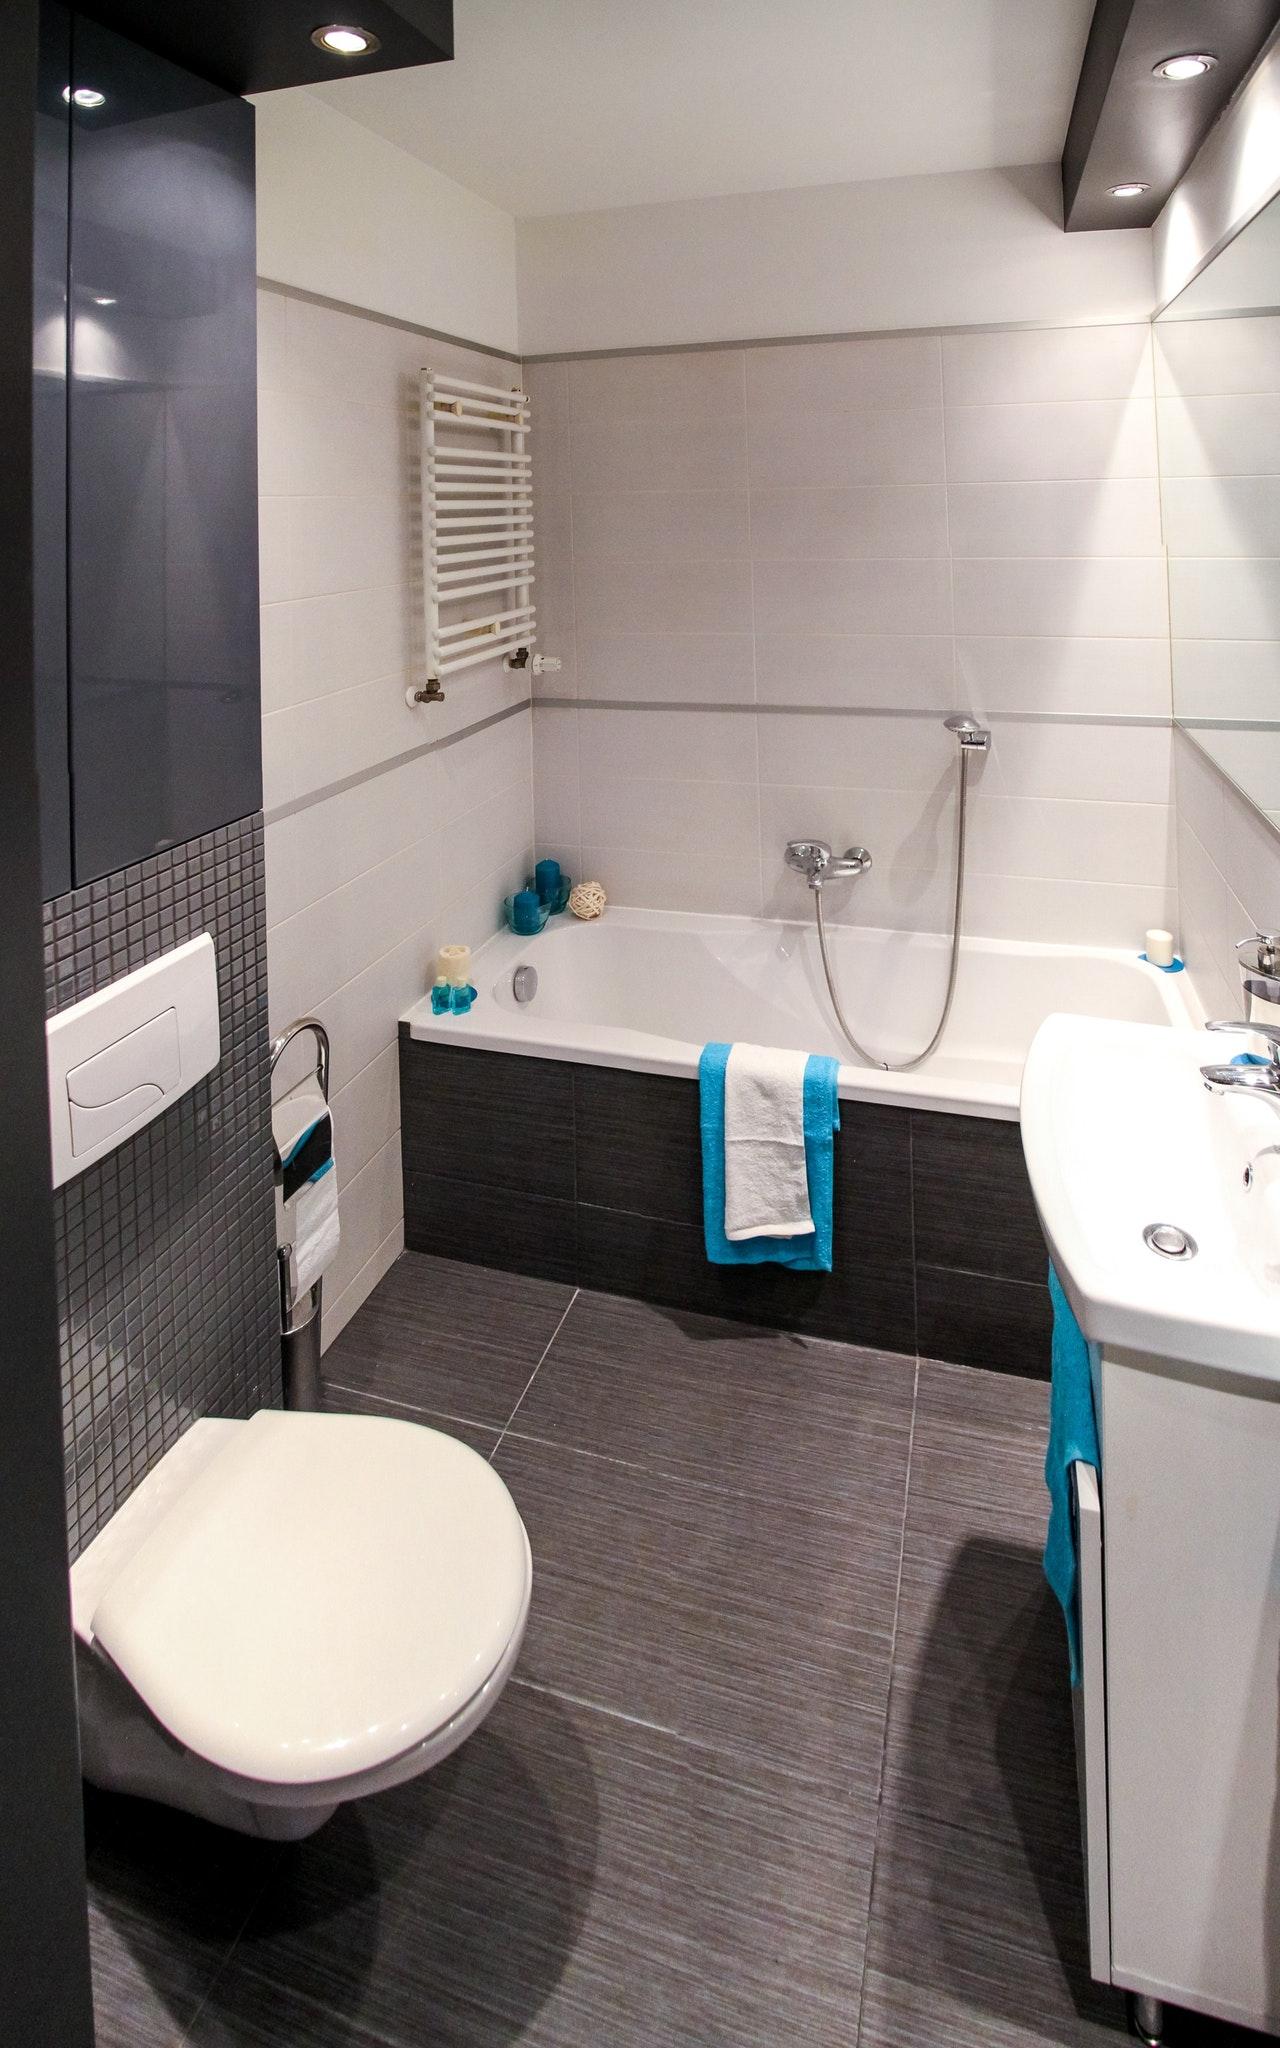 Alege obiectele sanitare pentru baia ta